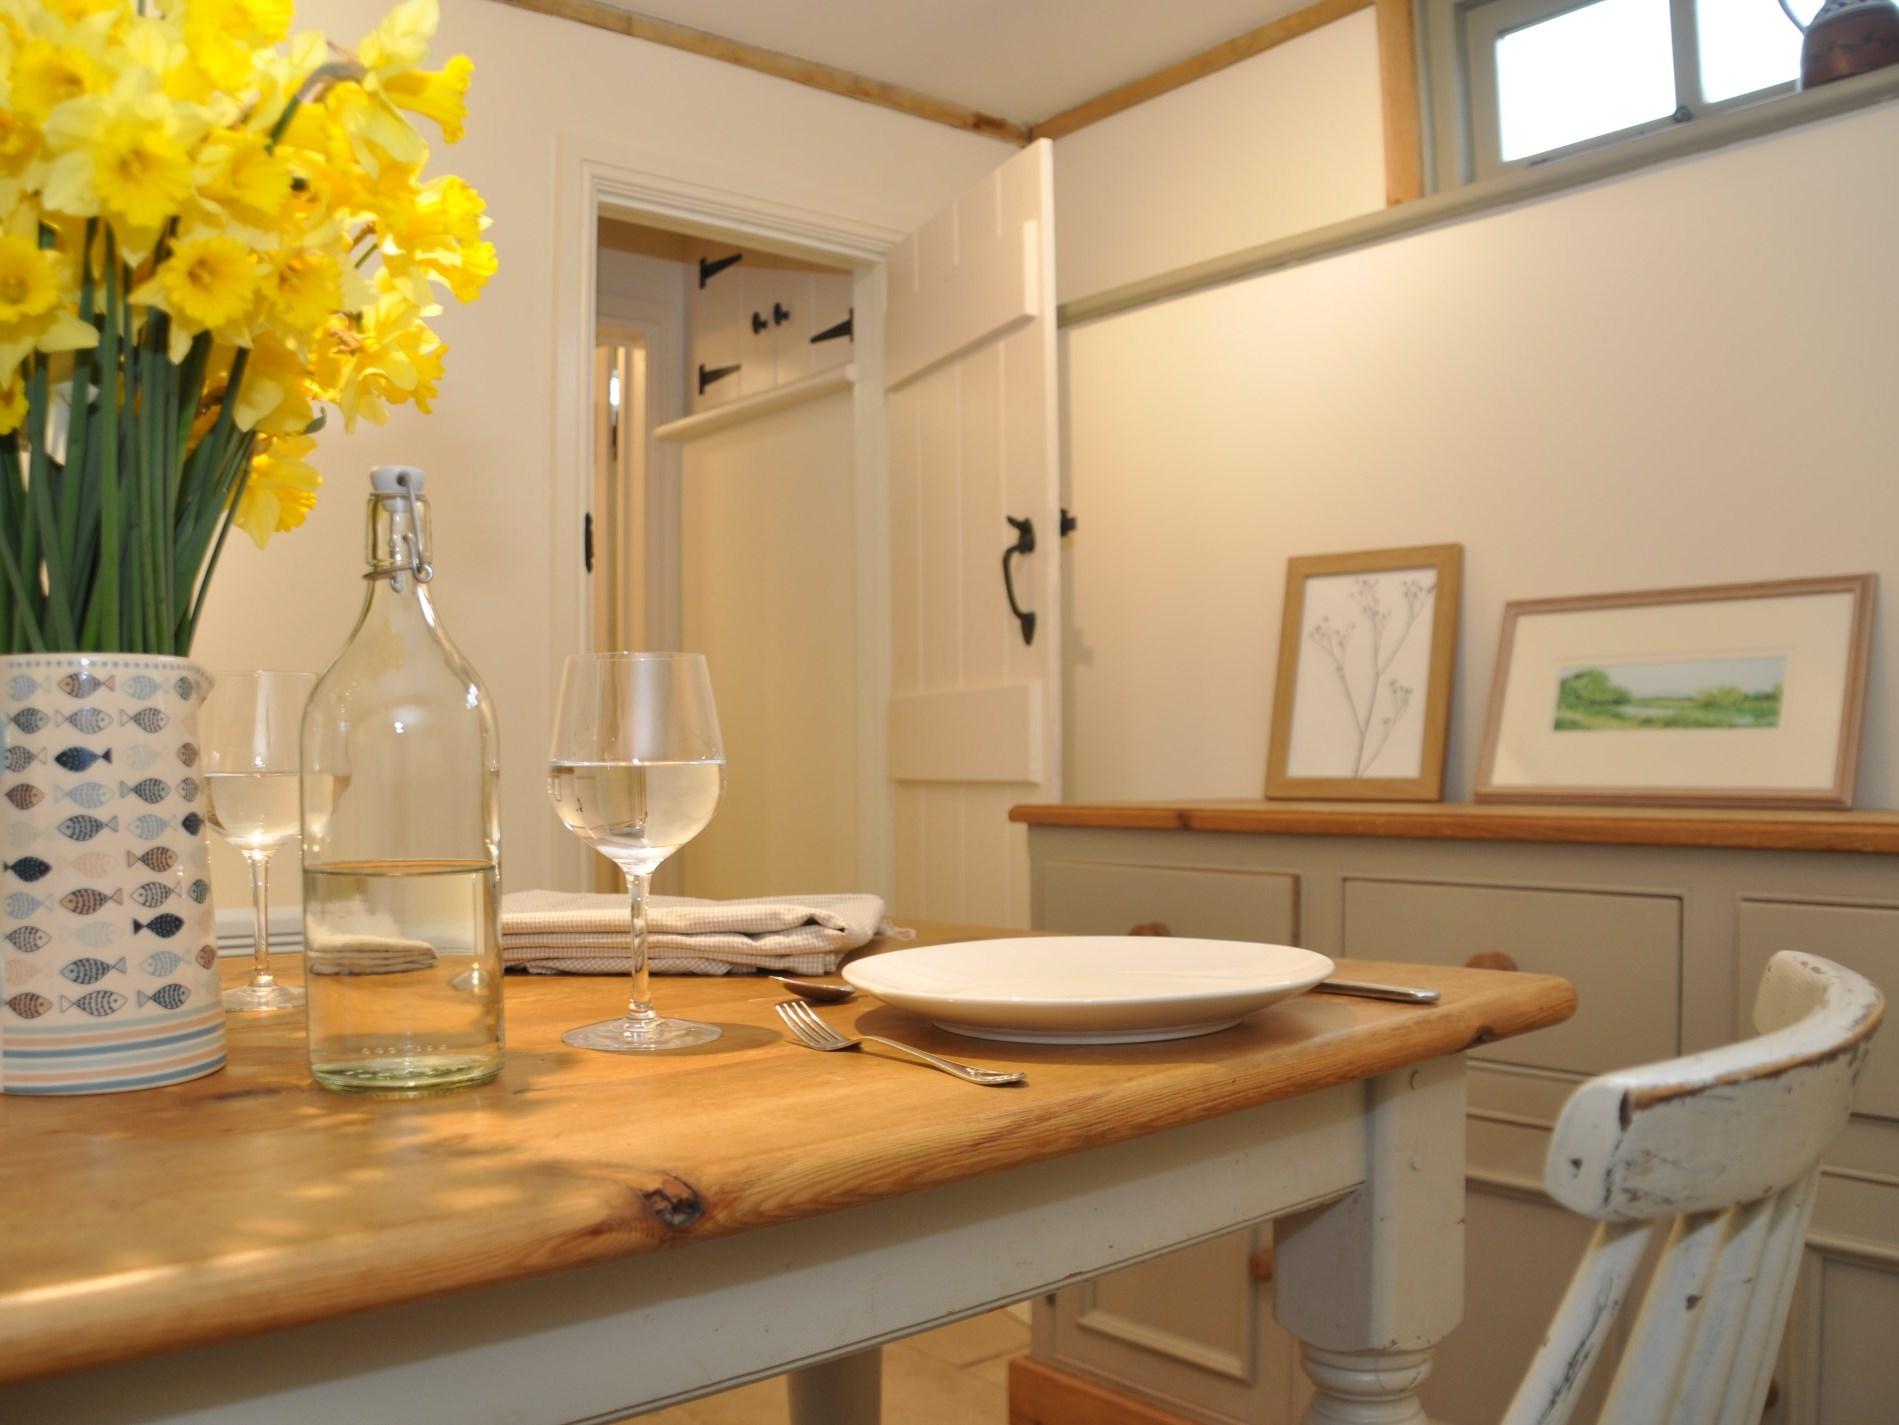 Simple farmhouse furniture